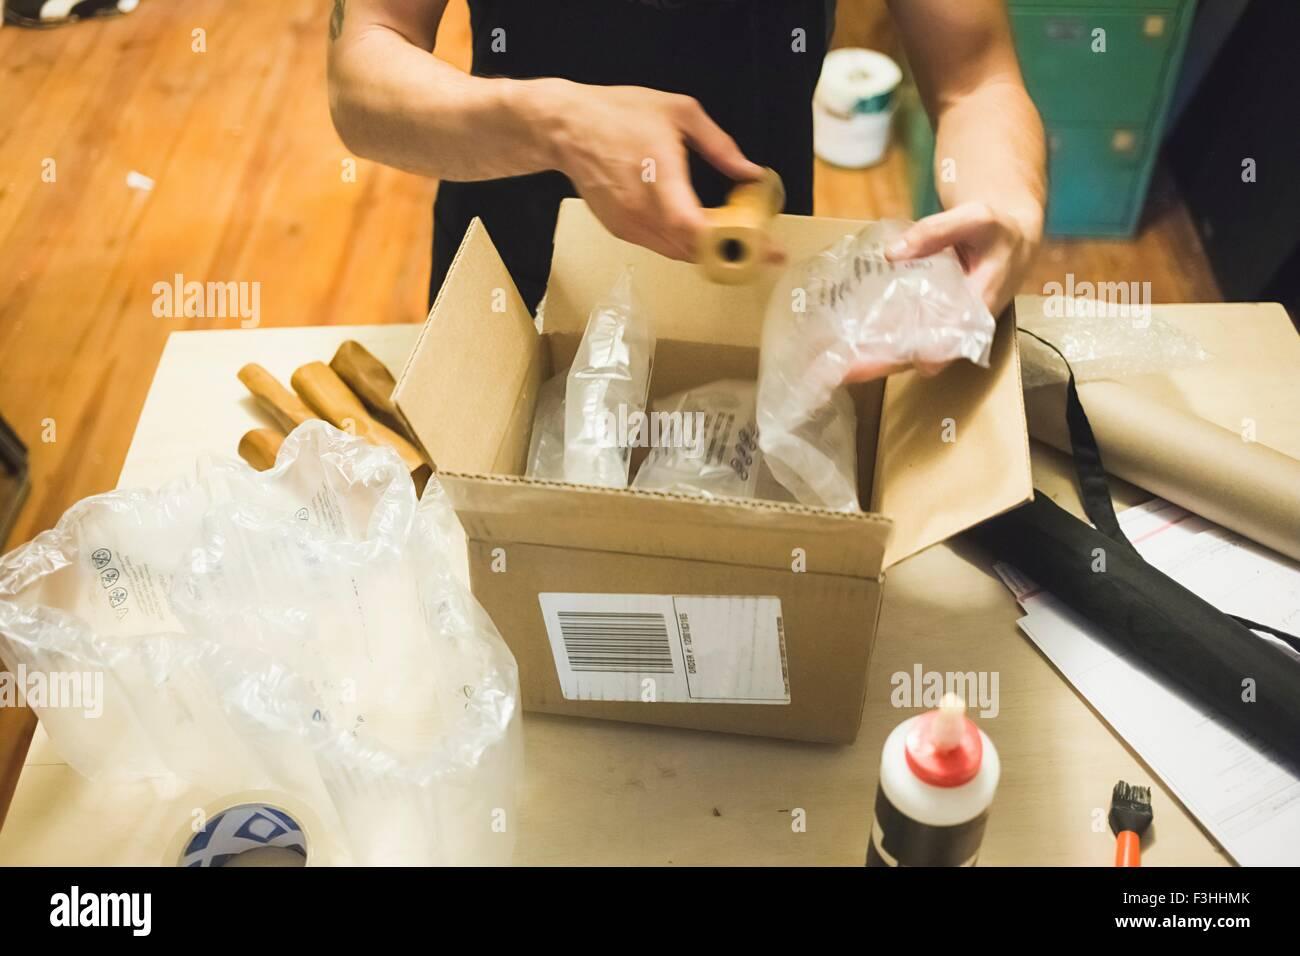 Erhöhte Ansicht der jungen mans Hände mit Luftpolsterfolie ein Paket Lieferung vorbereiten Stockbild